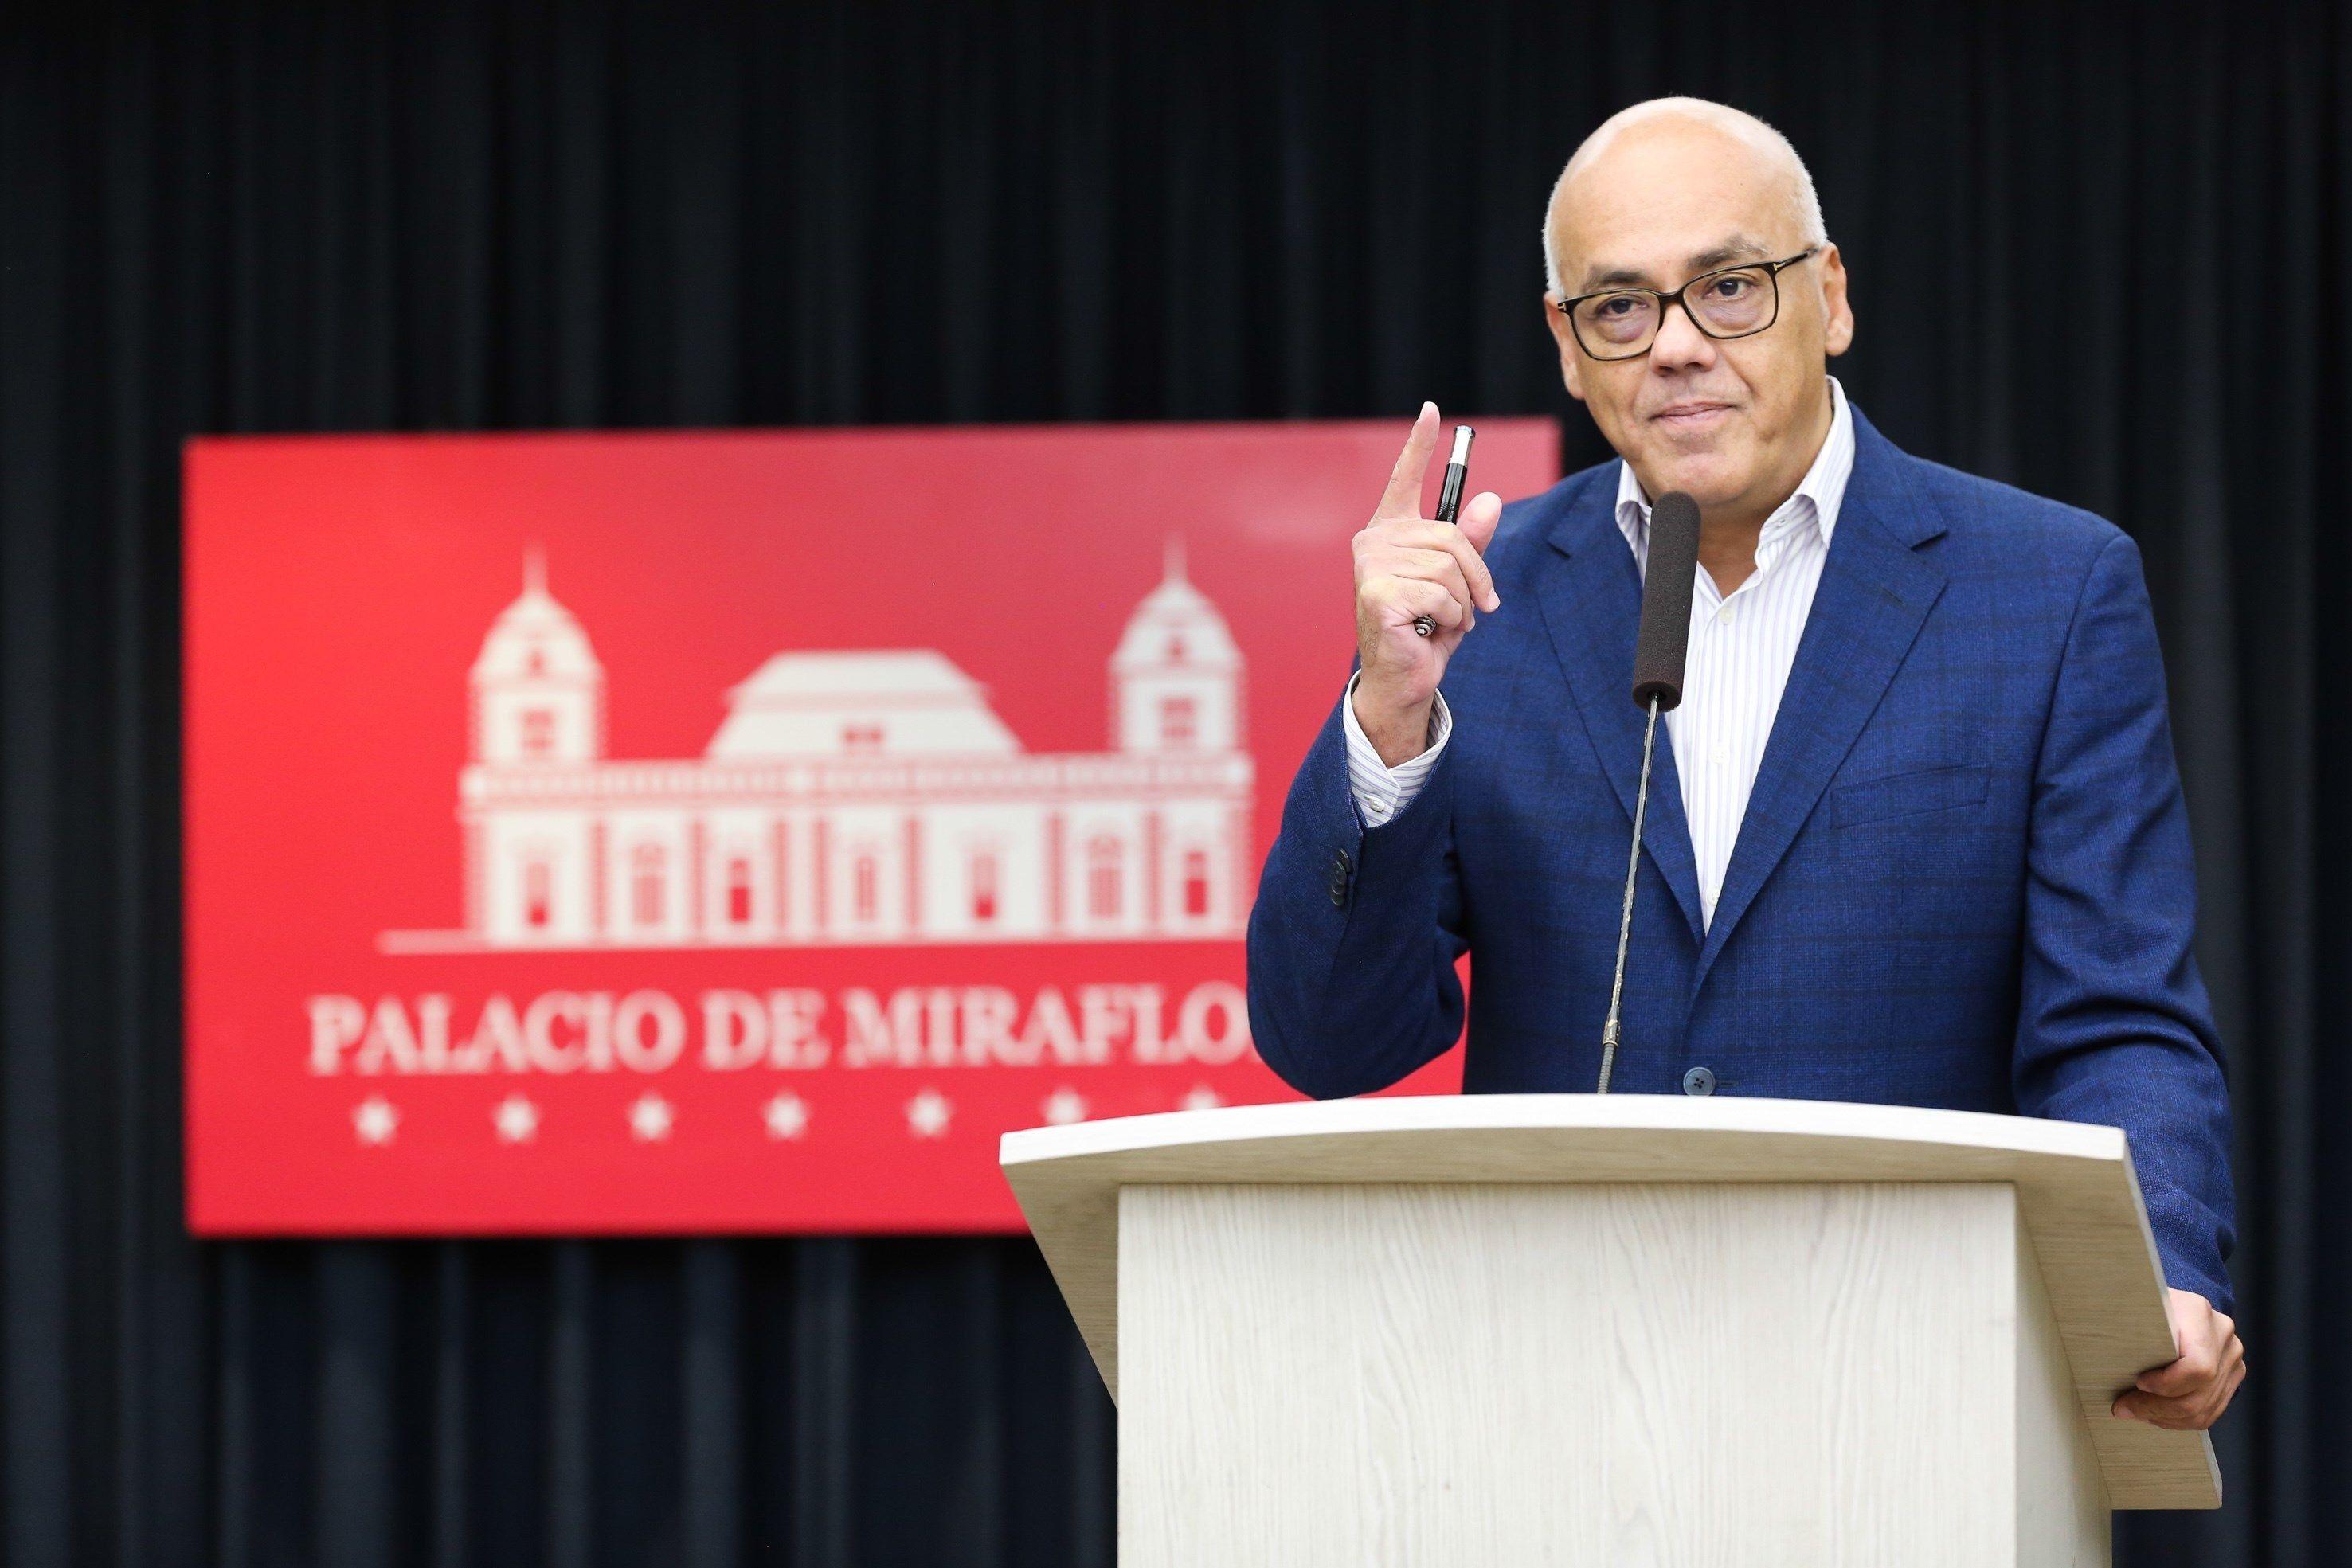 """El vicepresidente de Comunicación, Cultura y Turismo, Jorge Rodríguez, ofrece declaraciones desde la Sala de Prensa """"Simón Bolívar"""" del Palacio de Miraflores, en Caracas. (EFE)"""